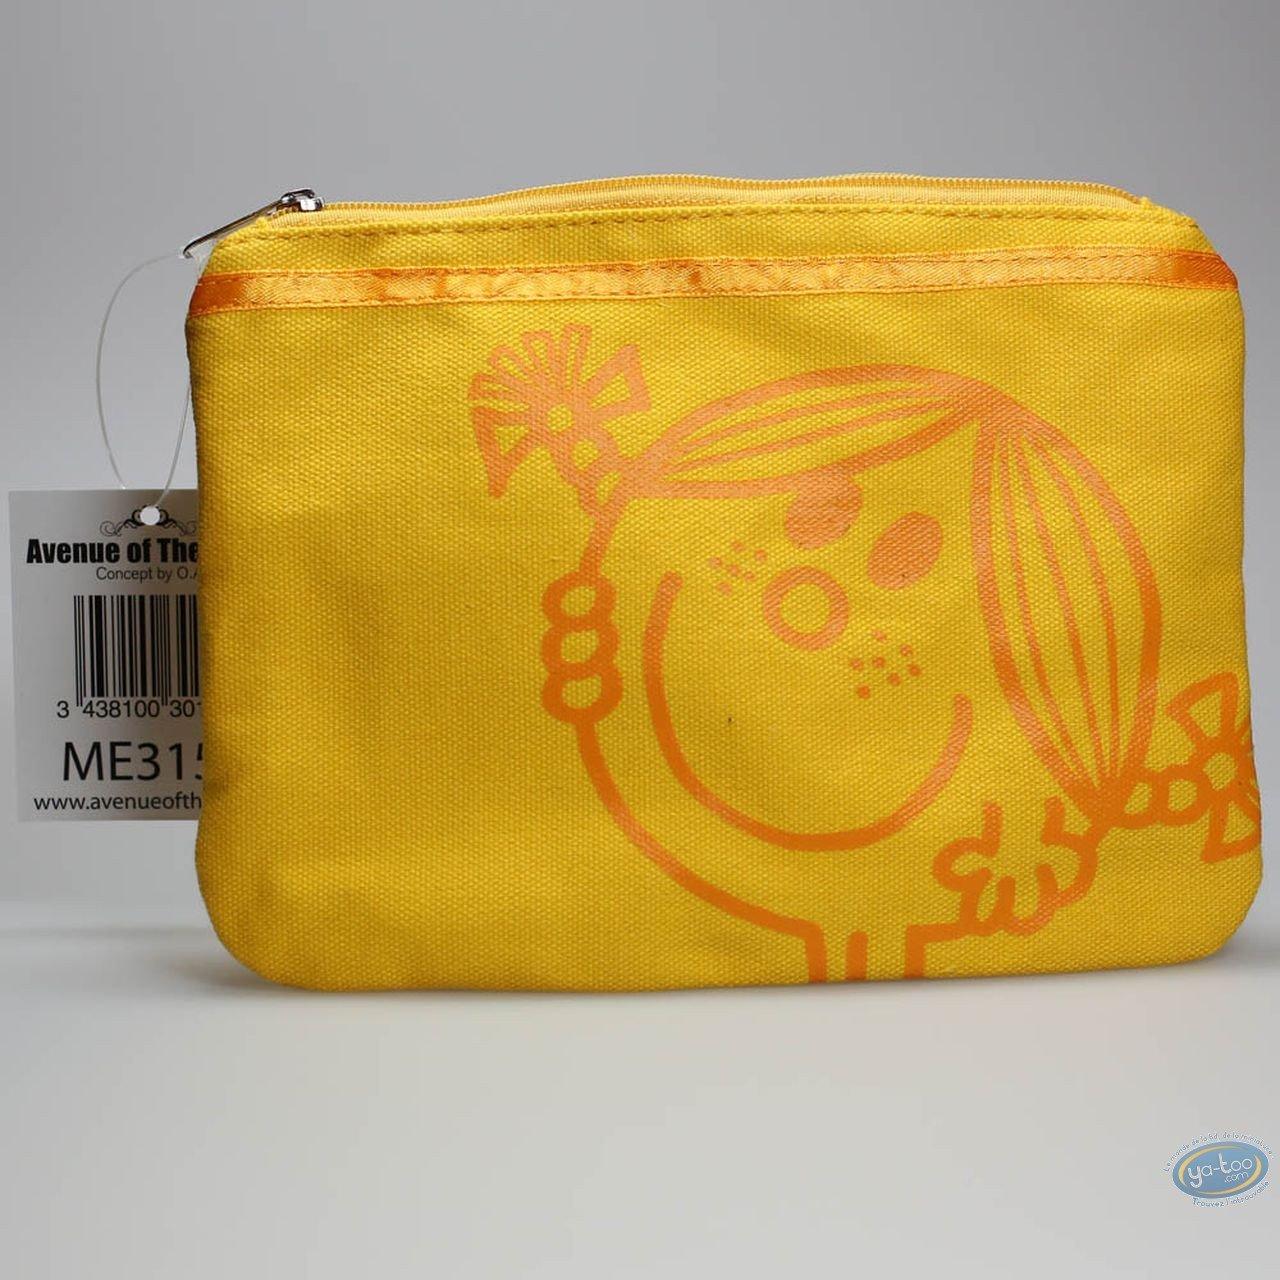 Bagagerie, Monsieur et Madame : Trousse en tissu jaune, Little Miss Sunshine